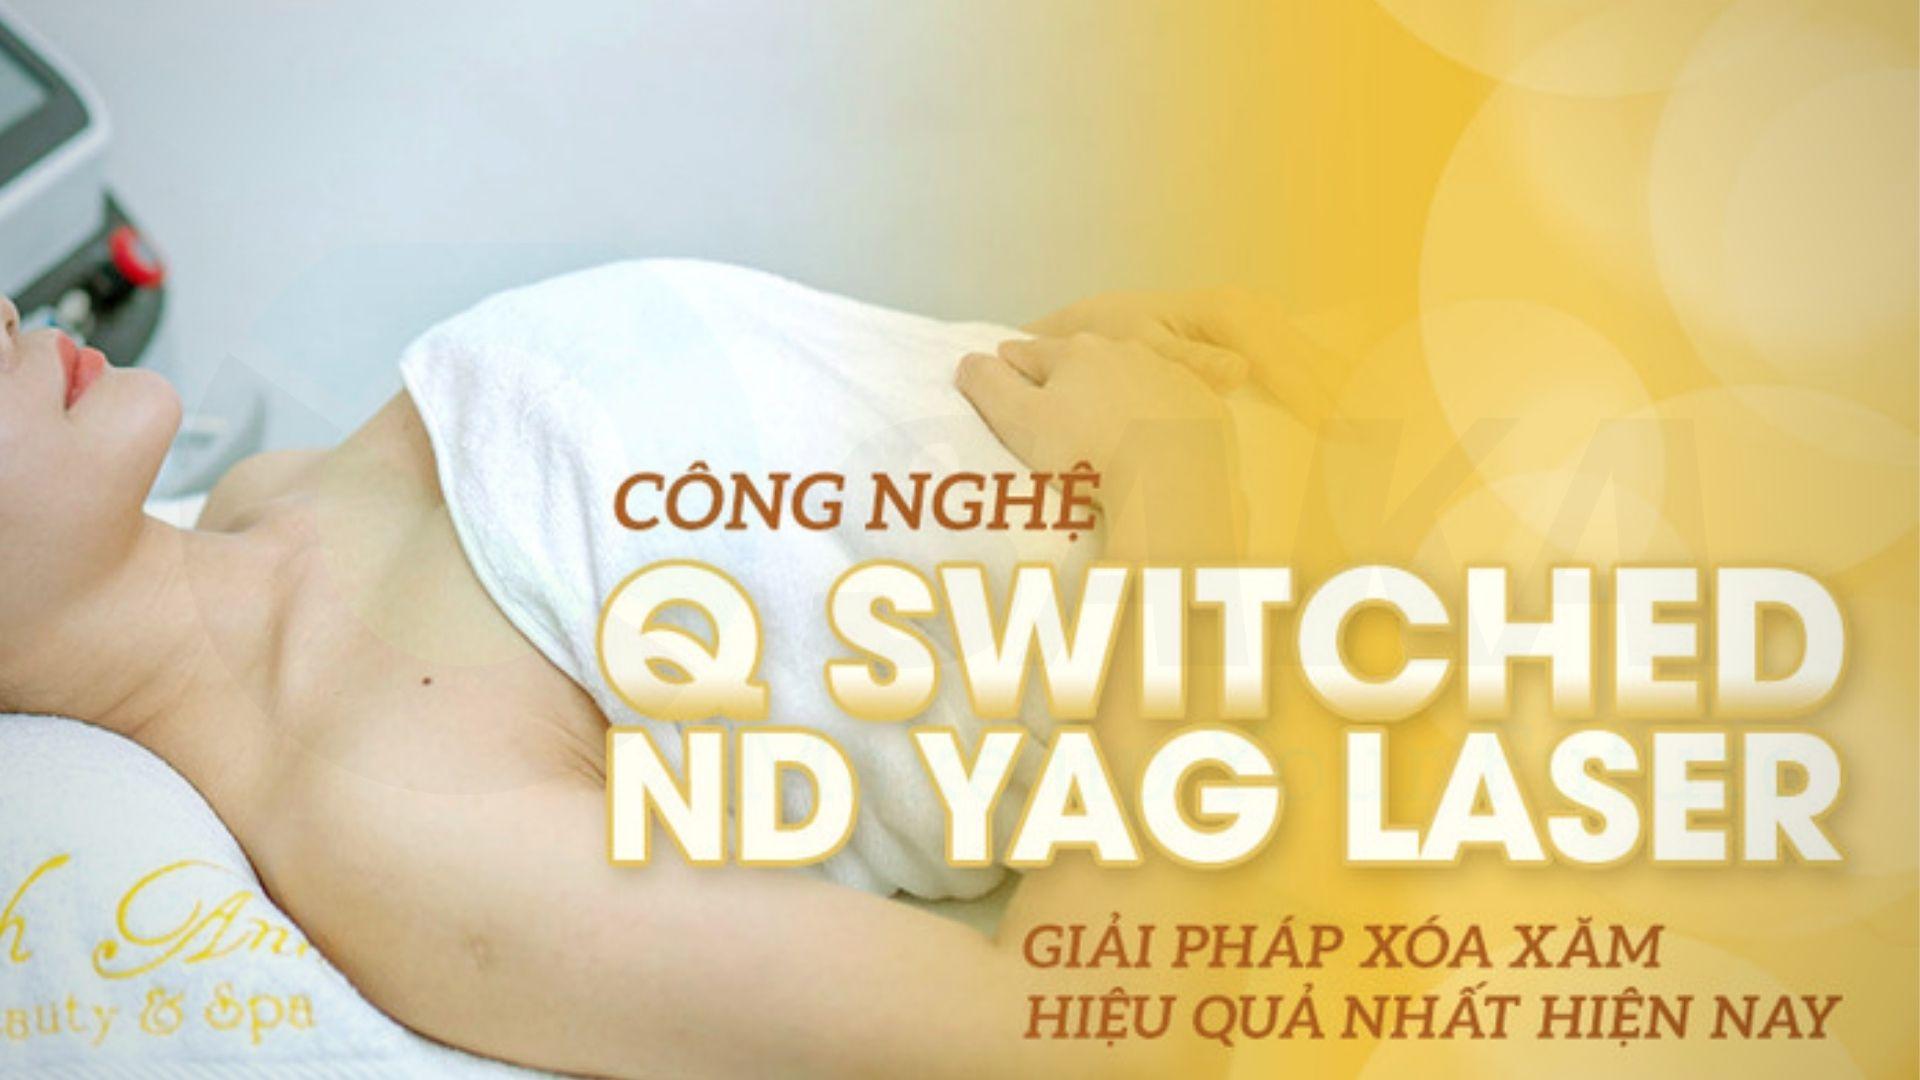 Cơ chế hoạt động công nghệ Q-Switched ND YAG